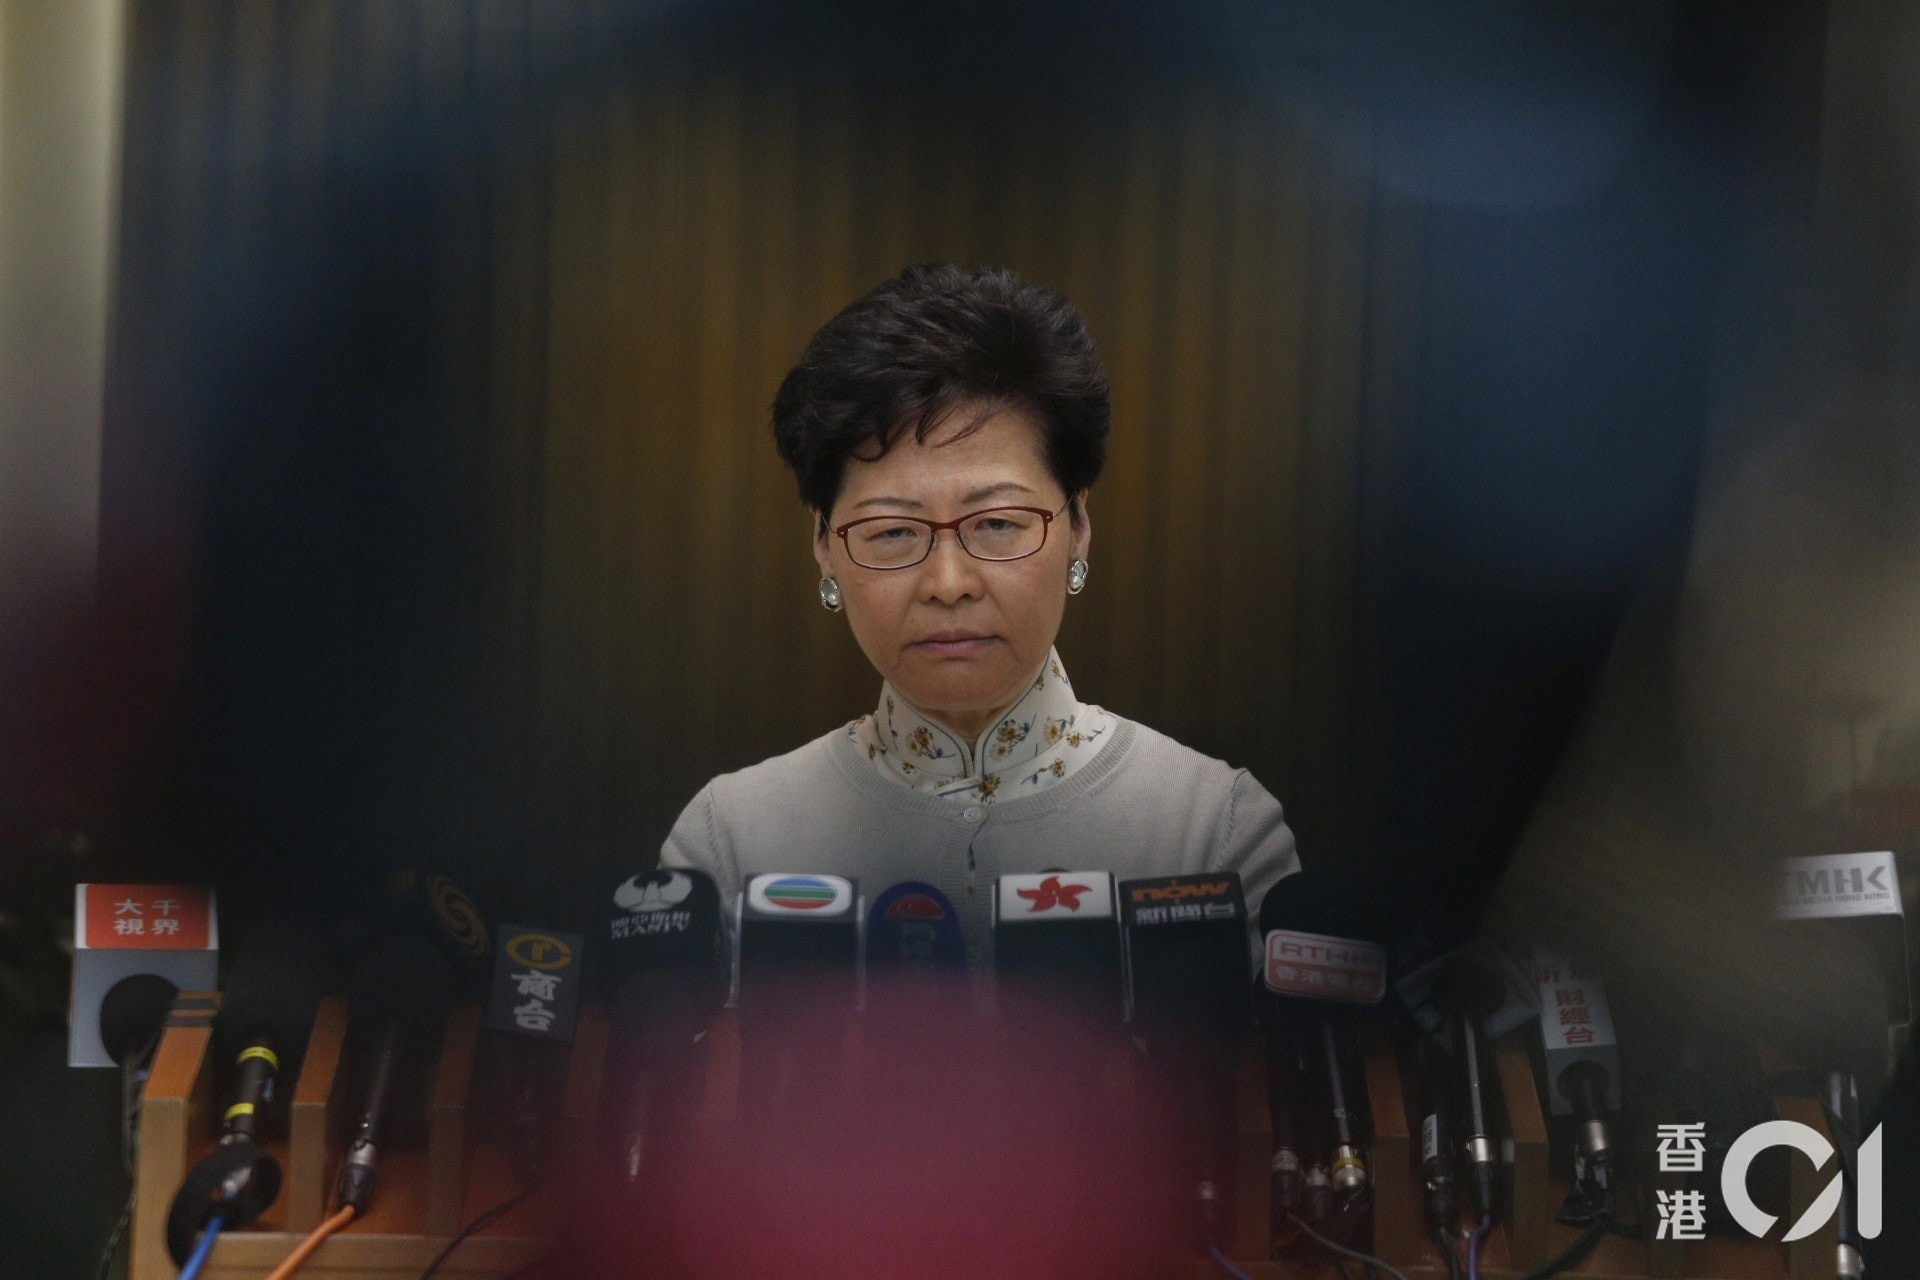 面對大批市民上街遊行示威,特首林鄭月娥表明不會撤回《逃犯條例》修訂。(資料圖片/張浩維攝)